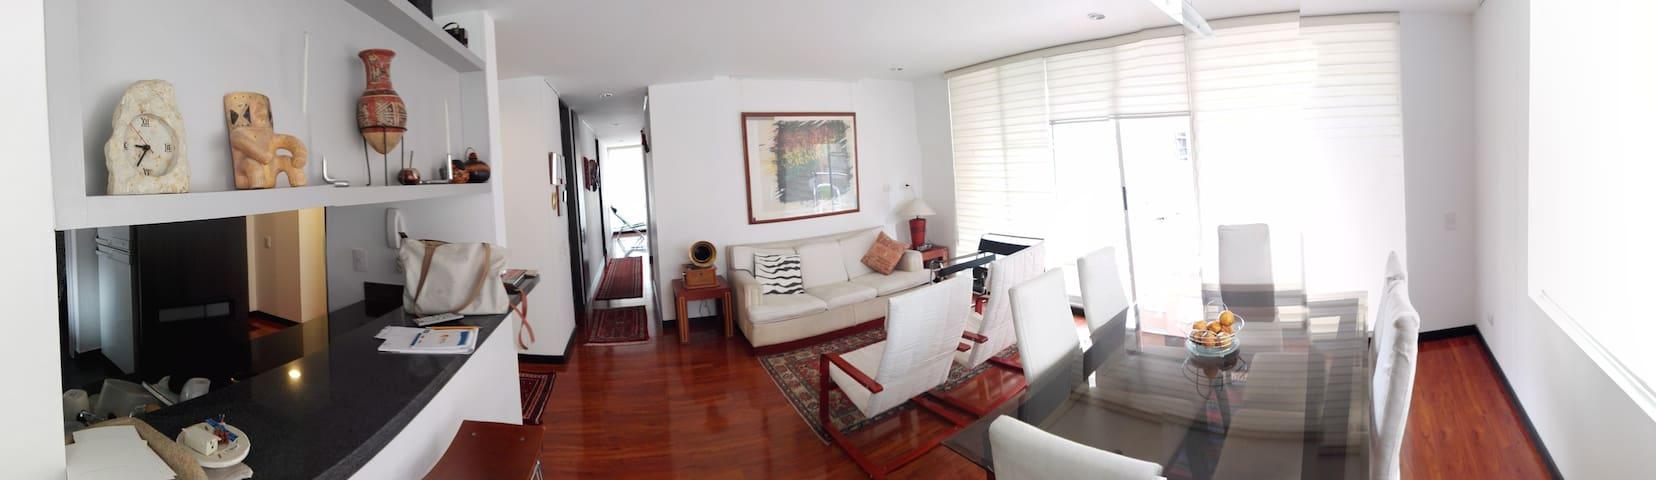 Ciudadela Felicidad / Apartamento Moderno - Bogotá